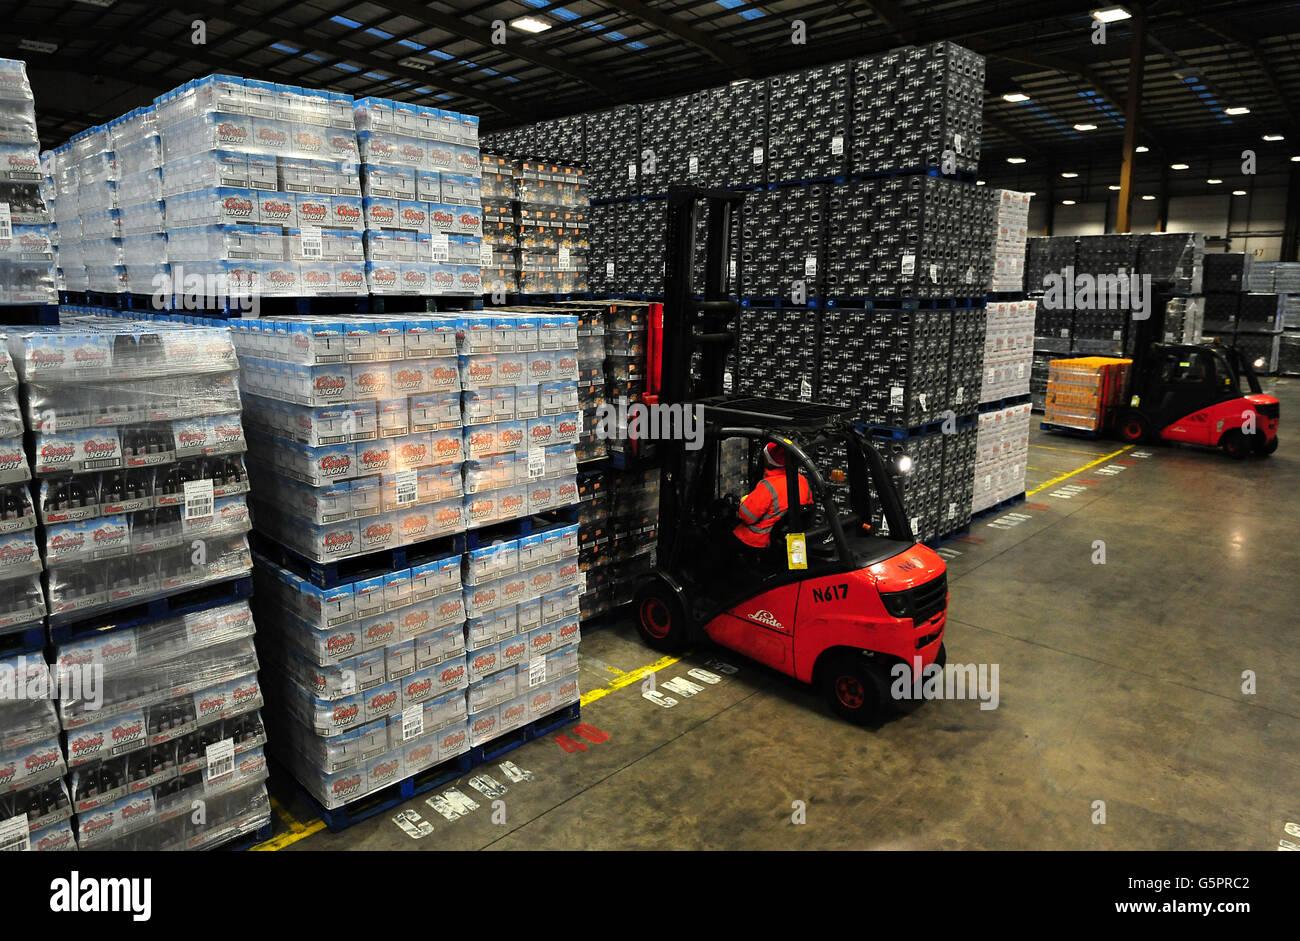 Bierkisten im nationalen Vertriebszentrum von Molson Coors in Burton-on-Trent, Staffordshire. Stockfoto